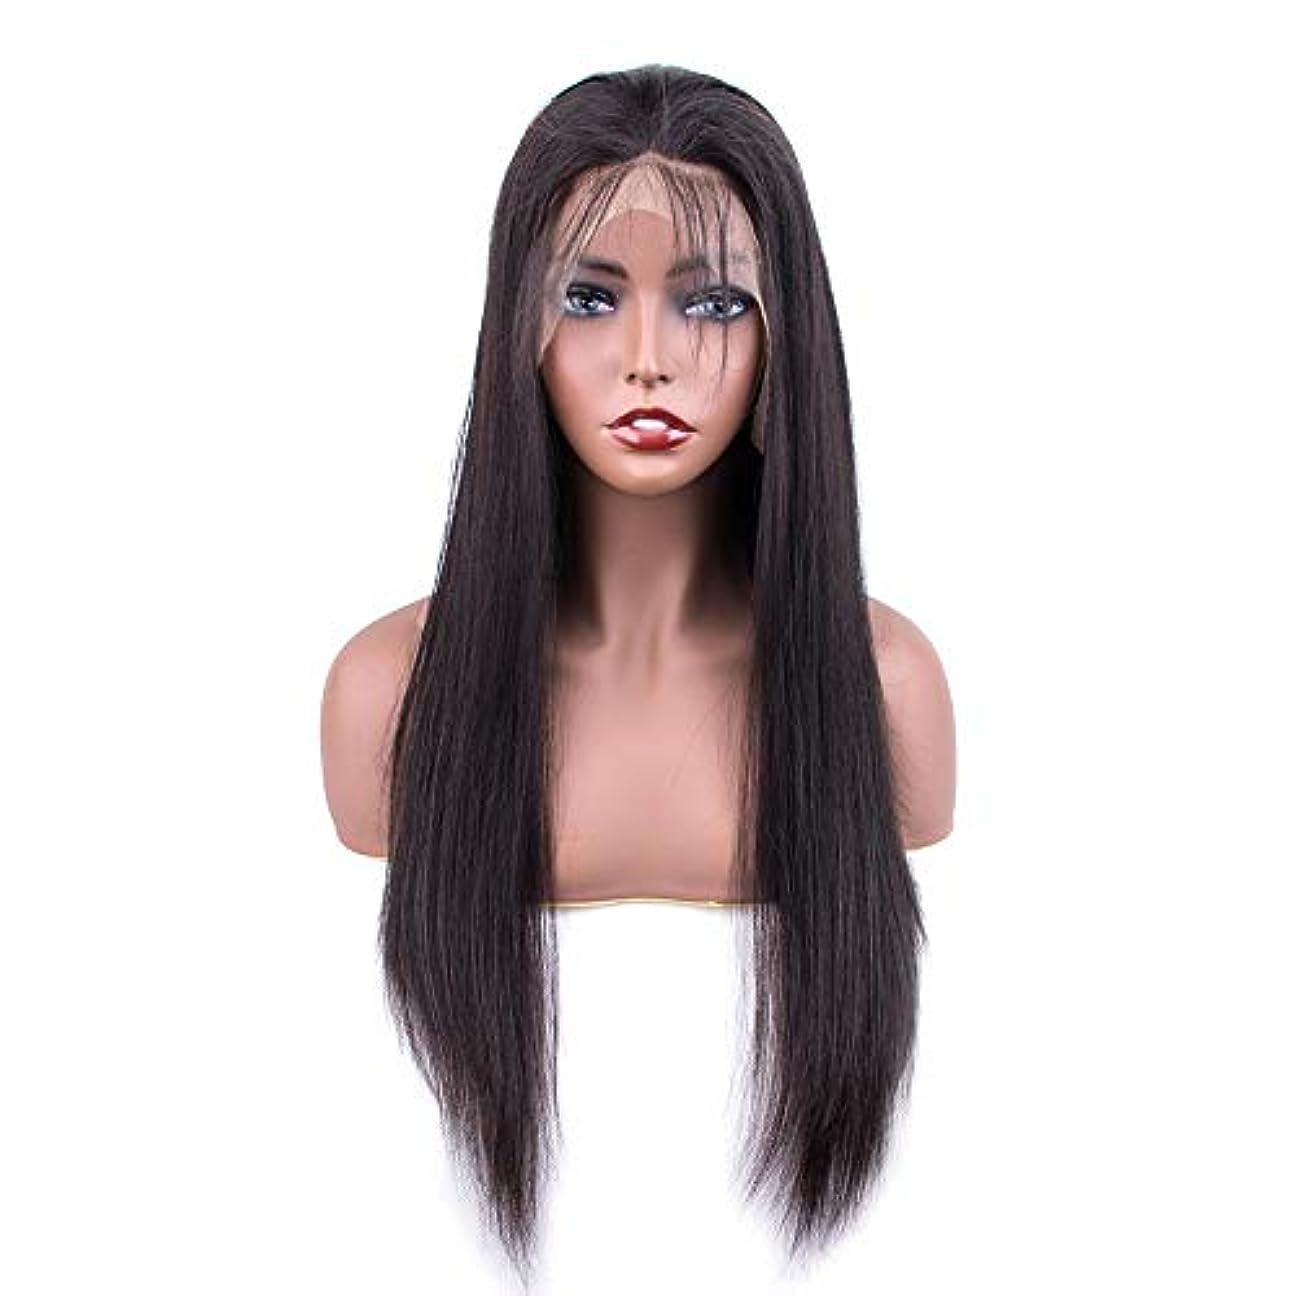 メルボルン干ばつ恥ずかしさSRY-Wigファッション ファッションレースフロント人間の髪の毛のかつら女性の事前摘み取られた生え際ブラジルストレートレース前頭かつら赤ちゃんの髪 (Color : ブラック, Size : 10inch)